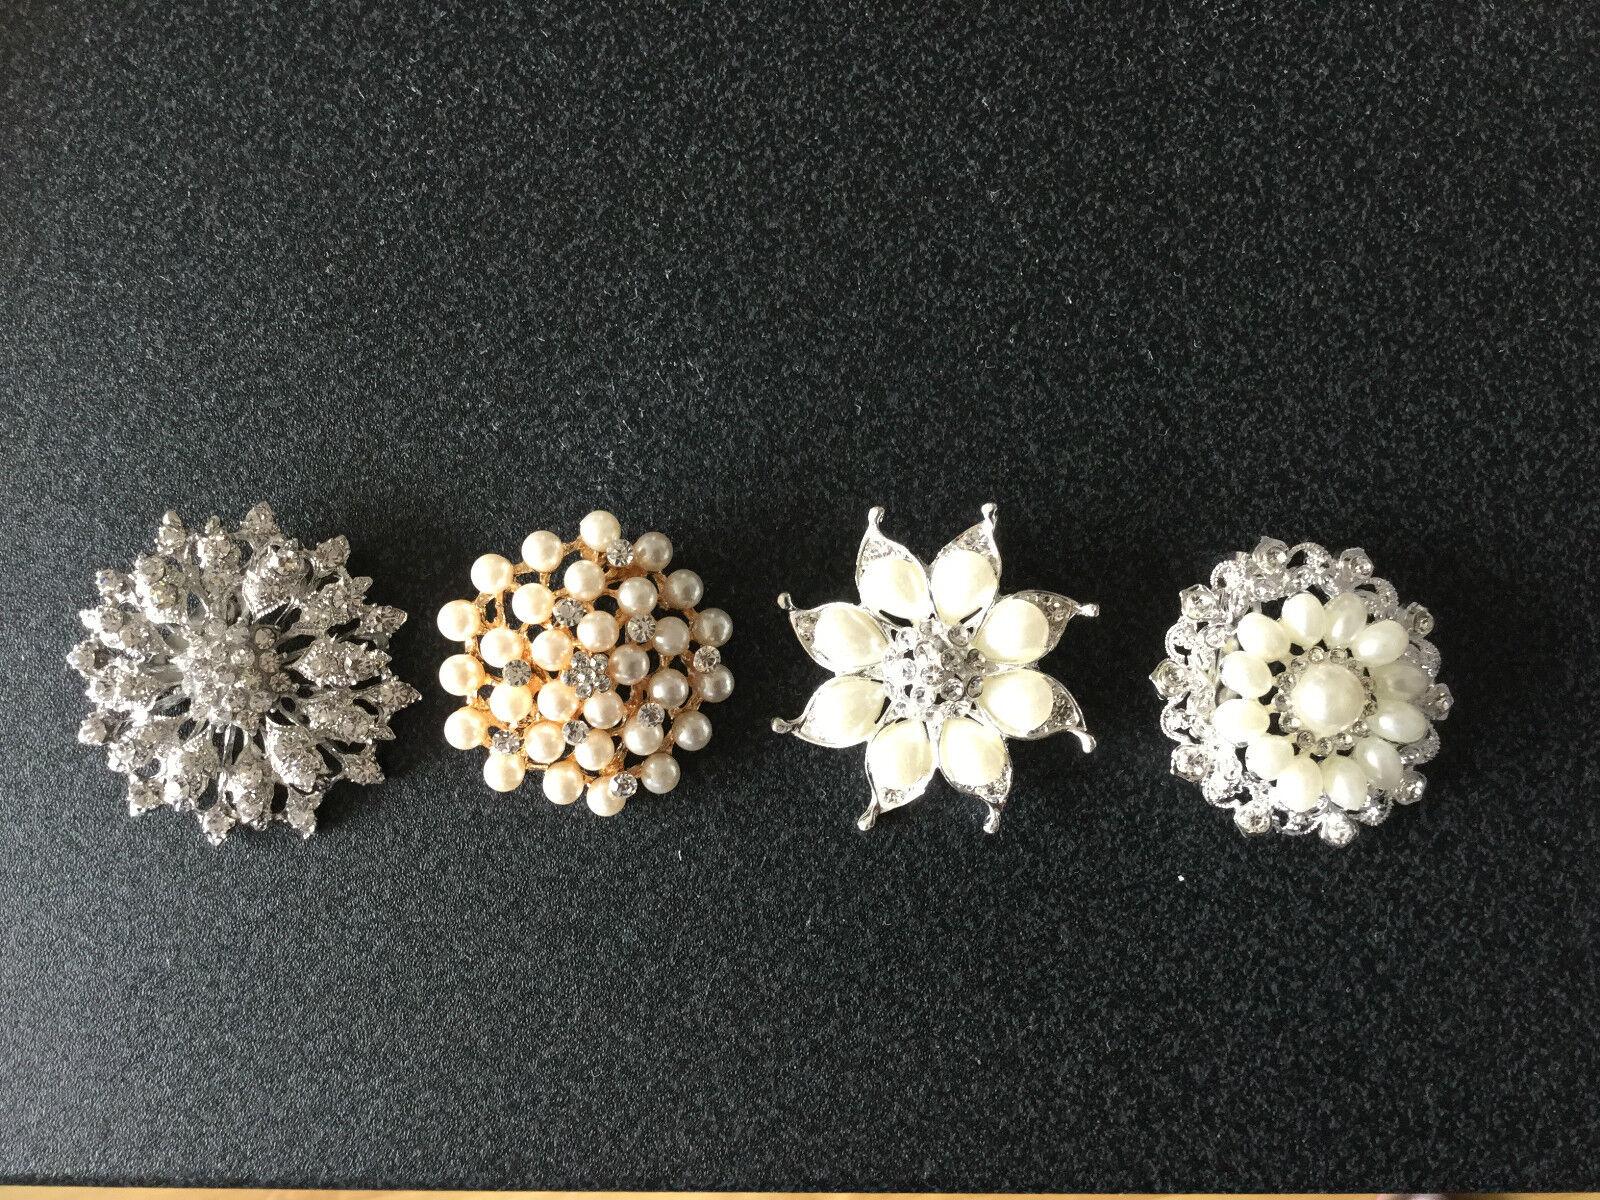 Nœud de chaise broche unique pearl pearl pearl (ceinture non incluse) | Vogue  8c5bc5